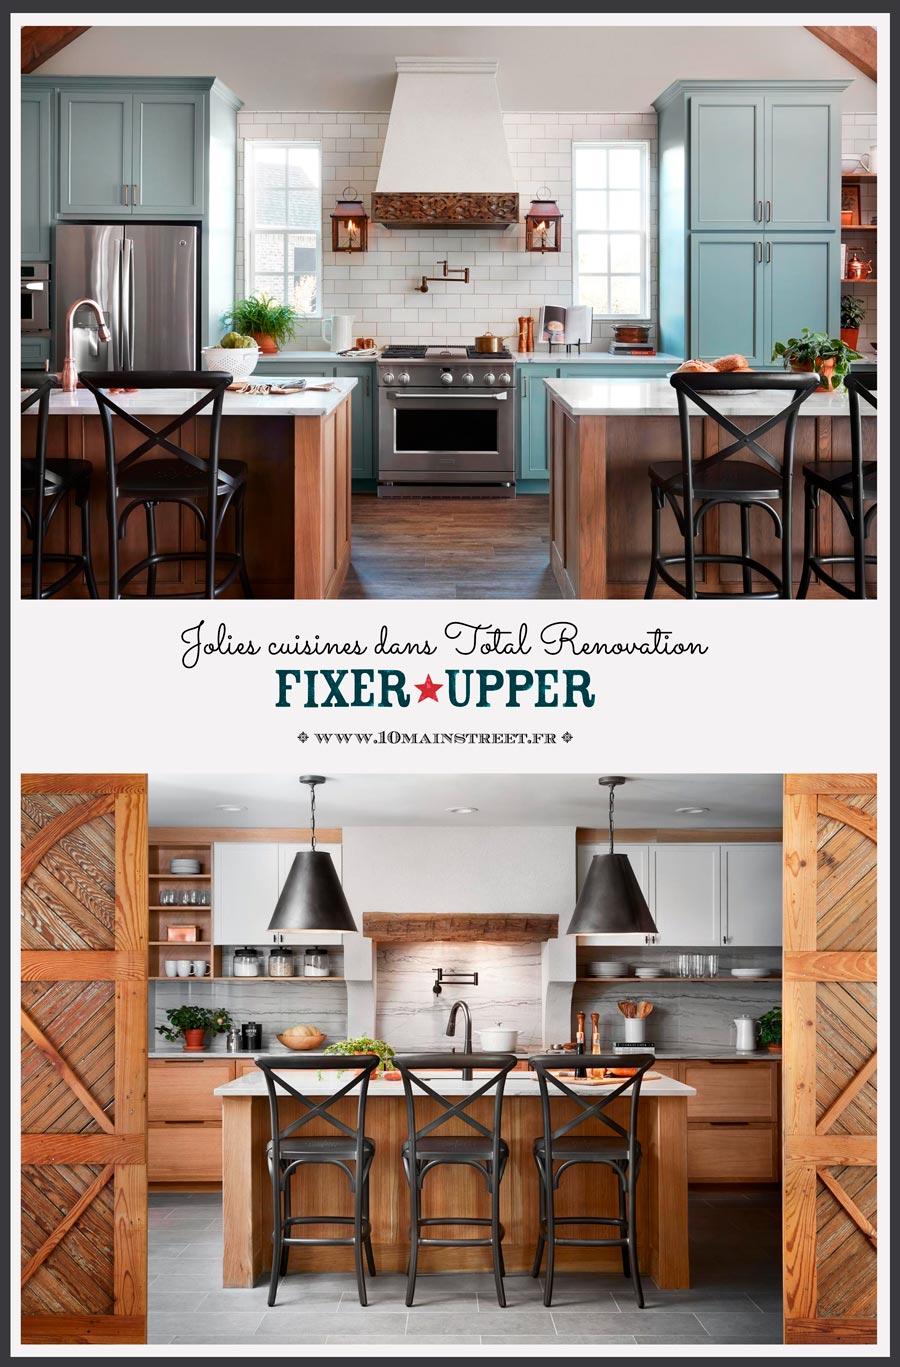 Cuisine Américaine Style Année 50 jolies cuisines dans fixer upper (total renovation) - 10